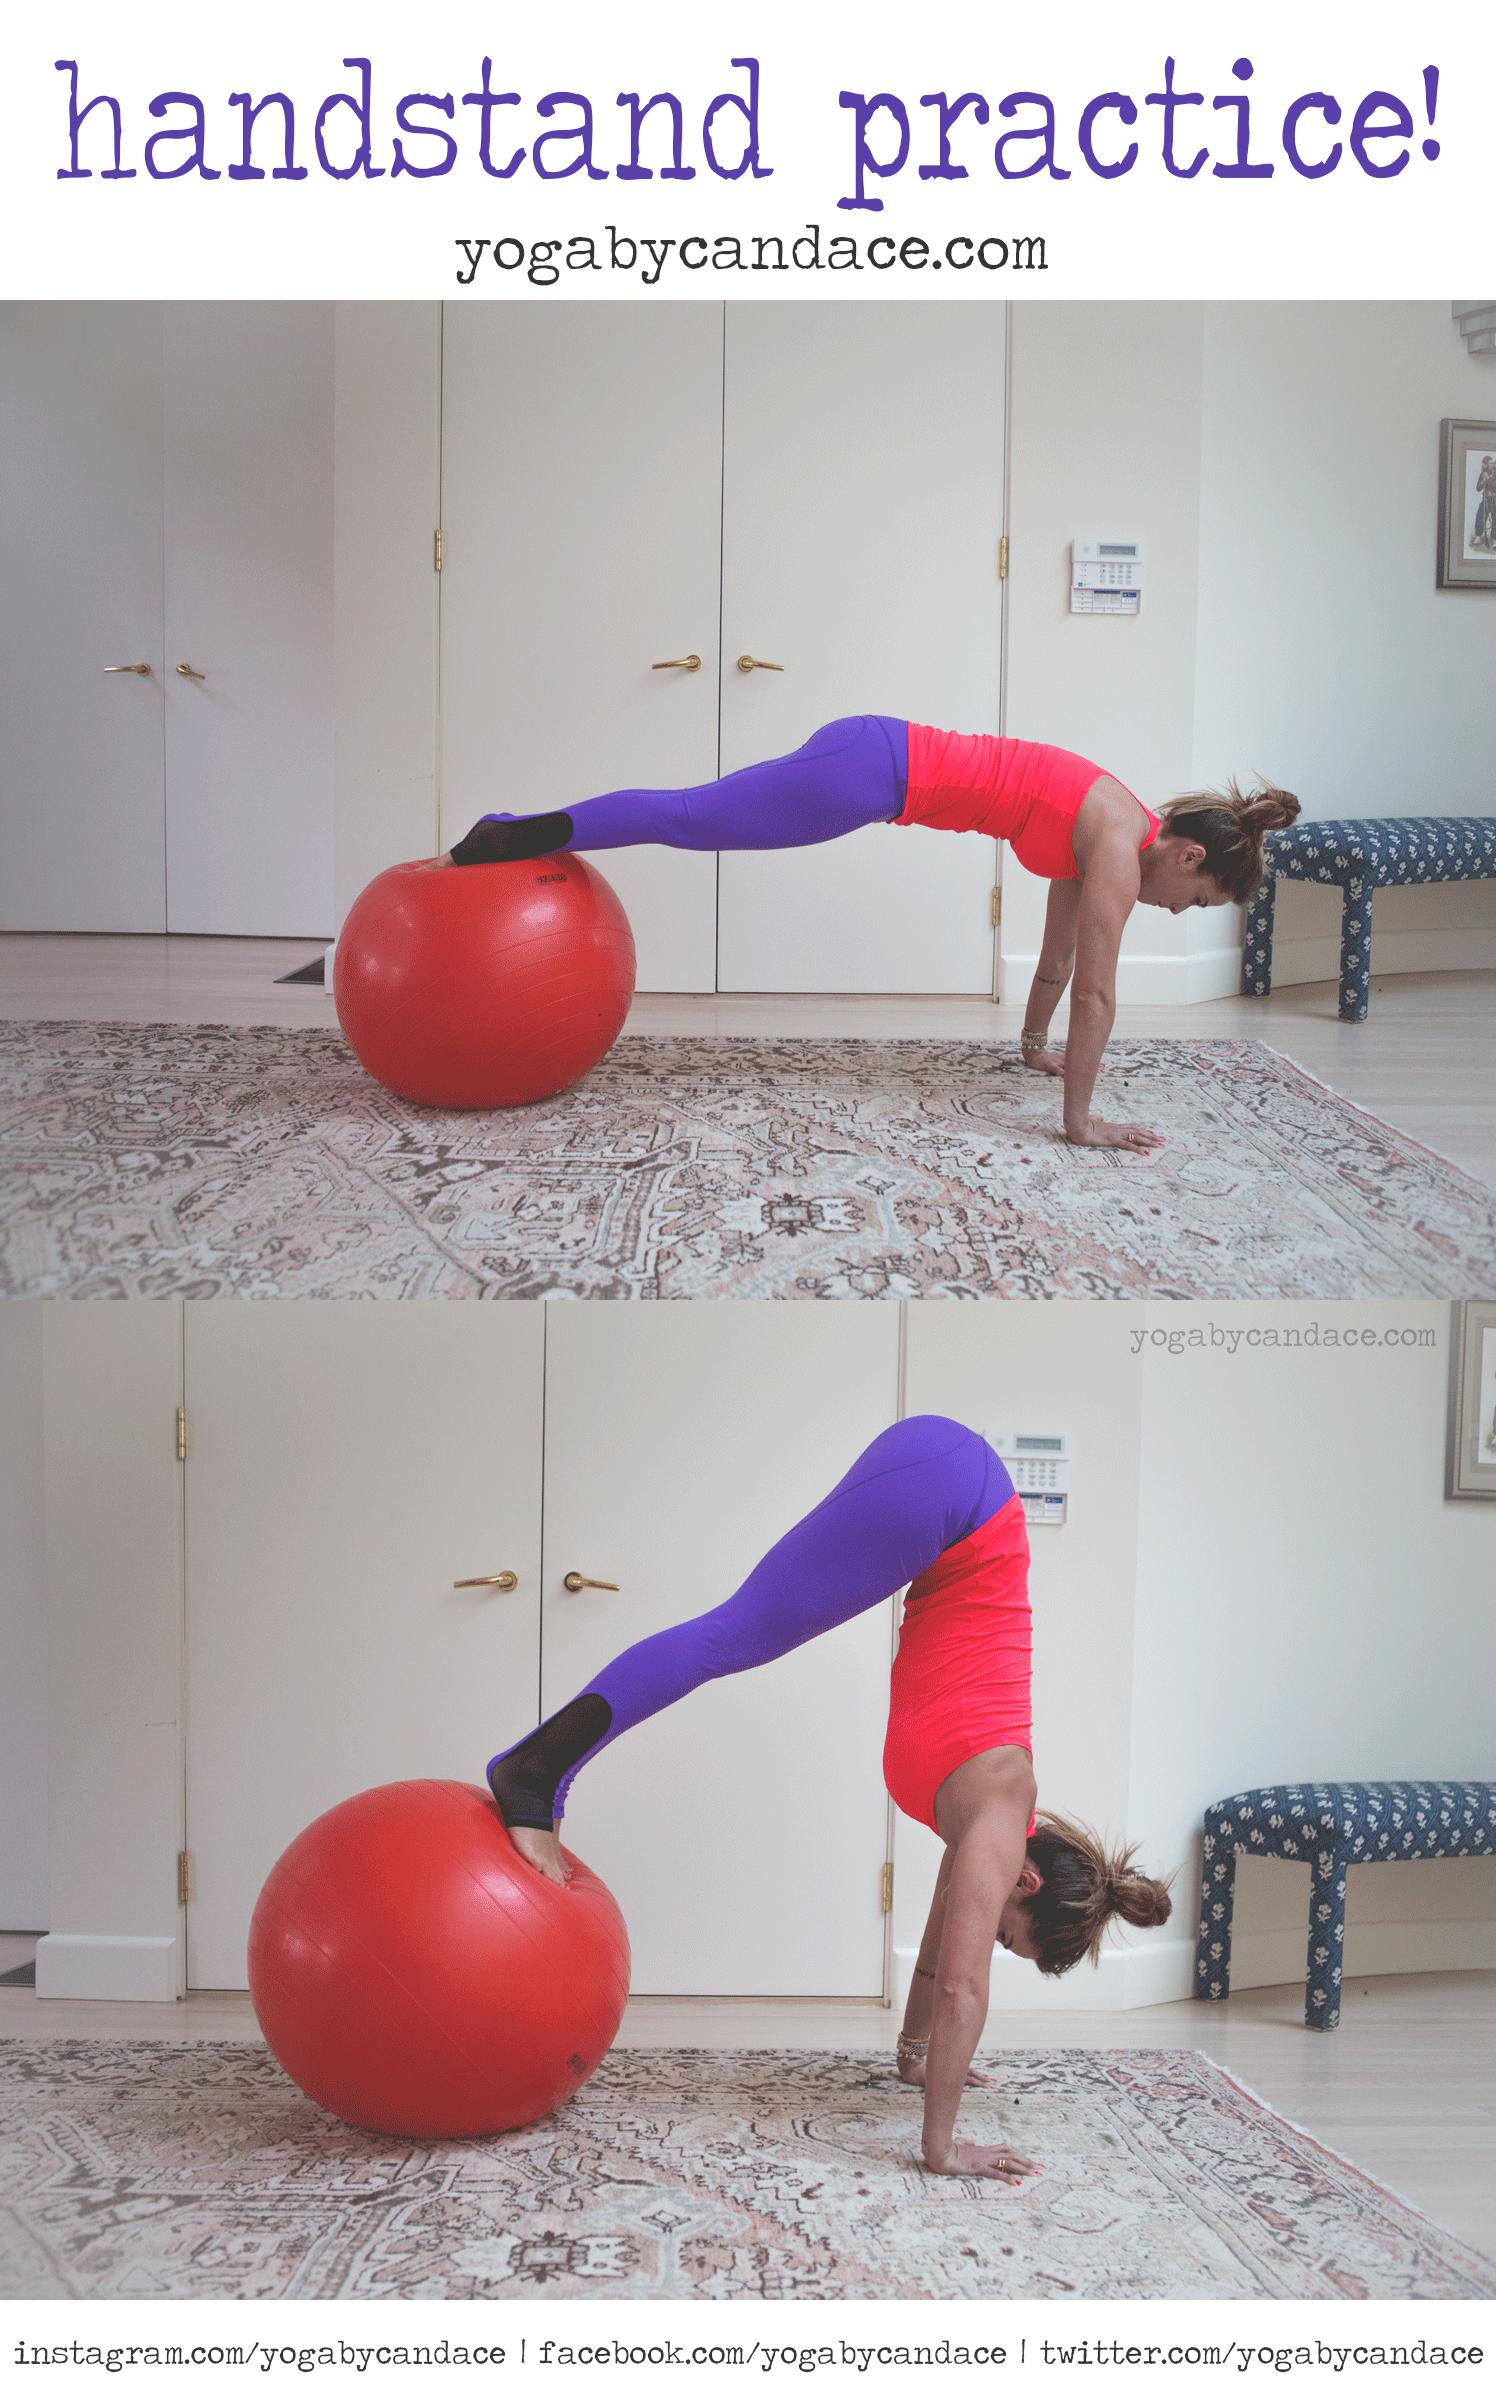 Wearing:  nina b roze pants , sweaty betty tank. Using: stability ball  .